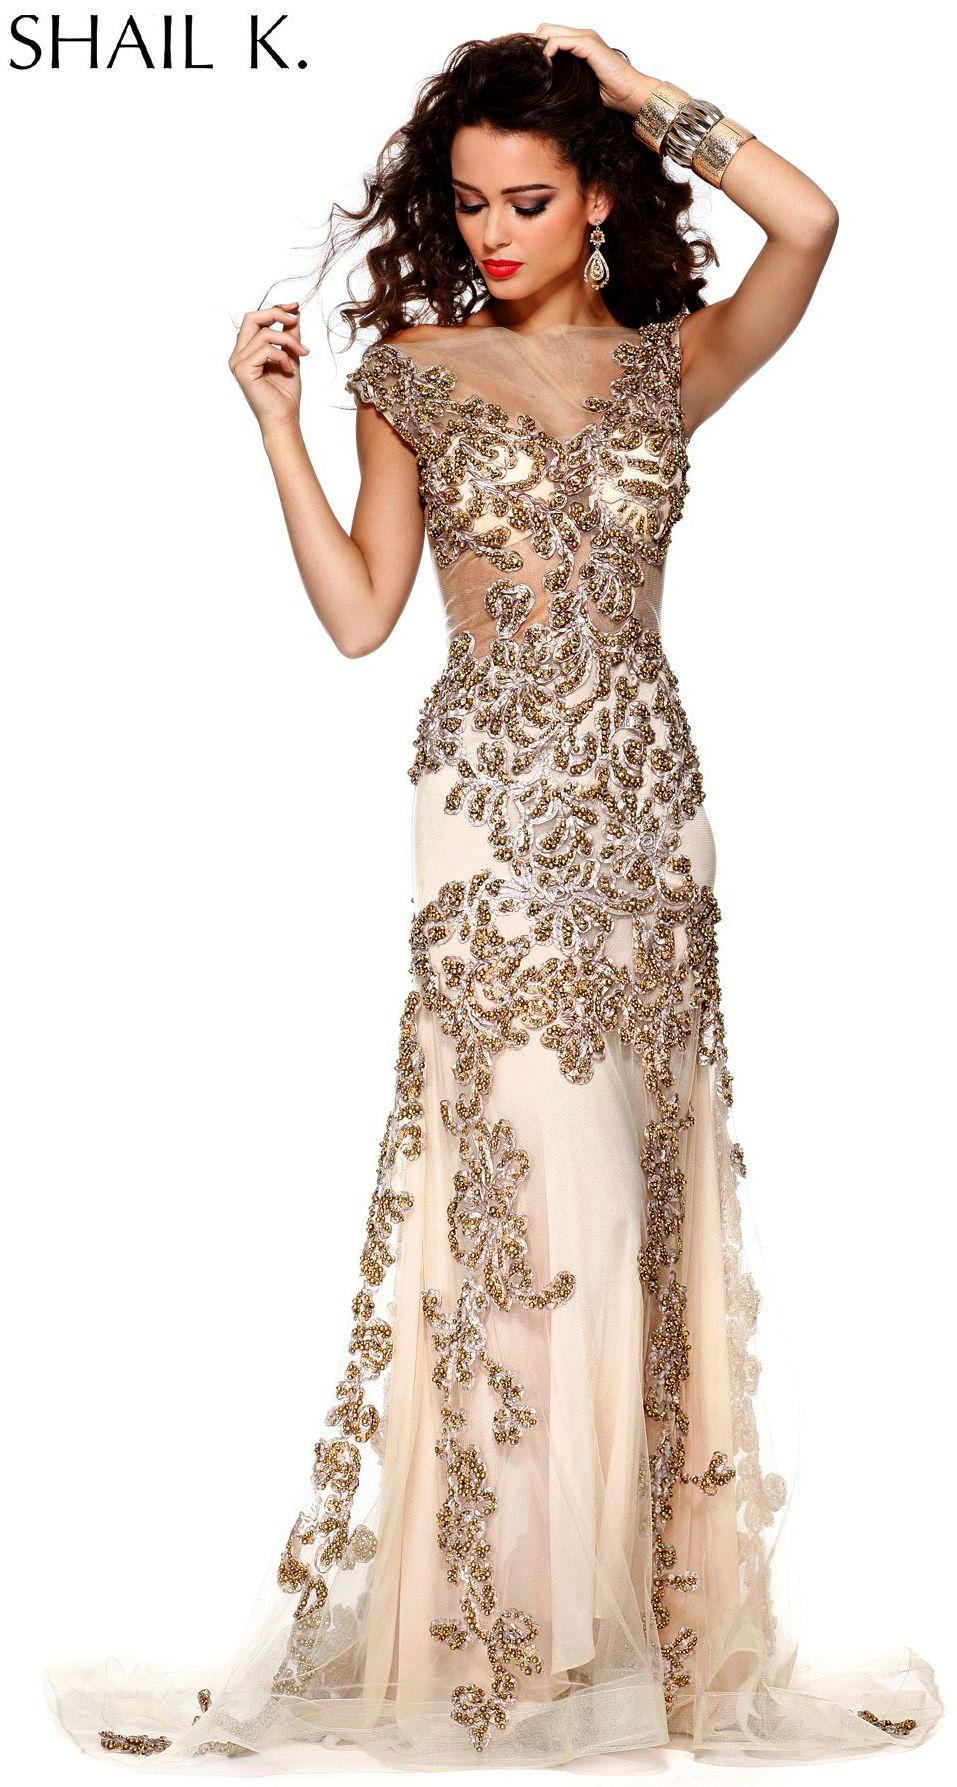 Prom dressesucbrueevening dresses by shail kucbrueucbrueextra special